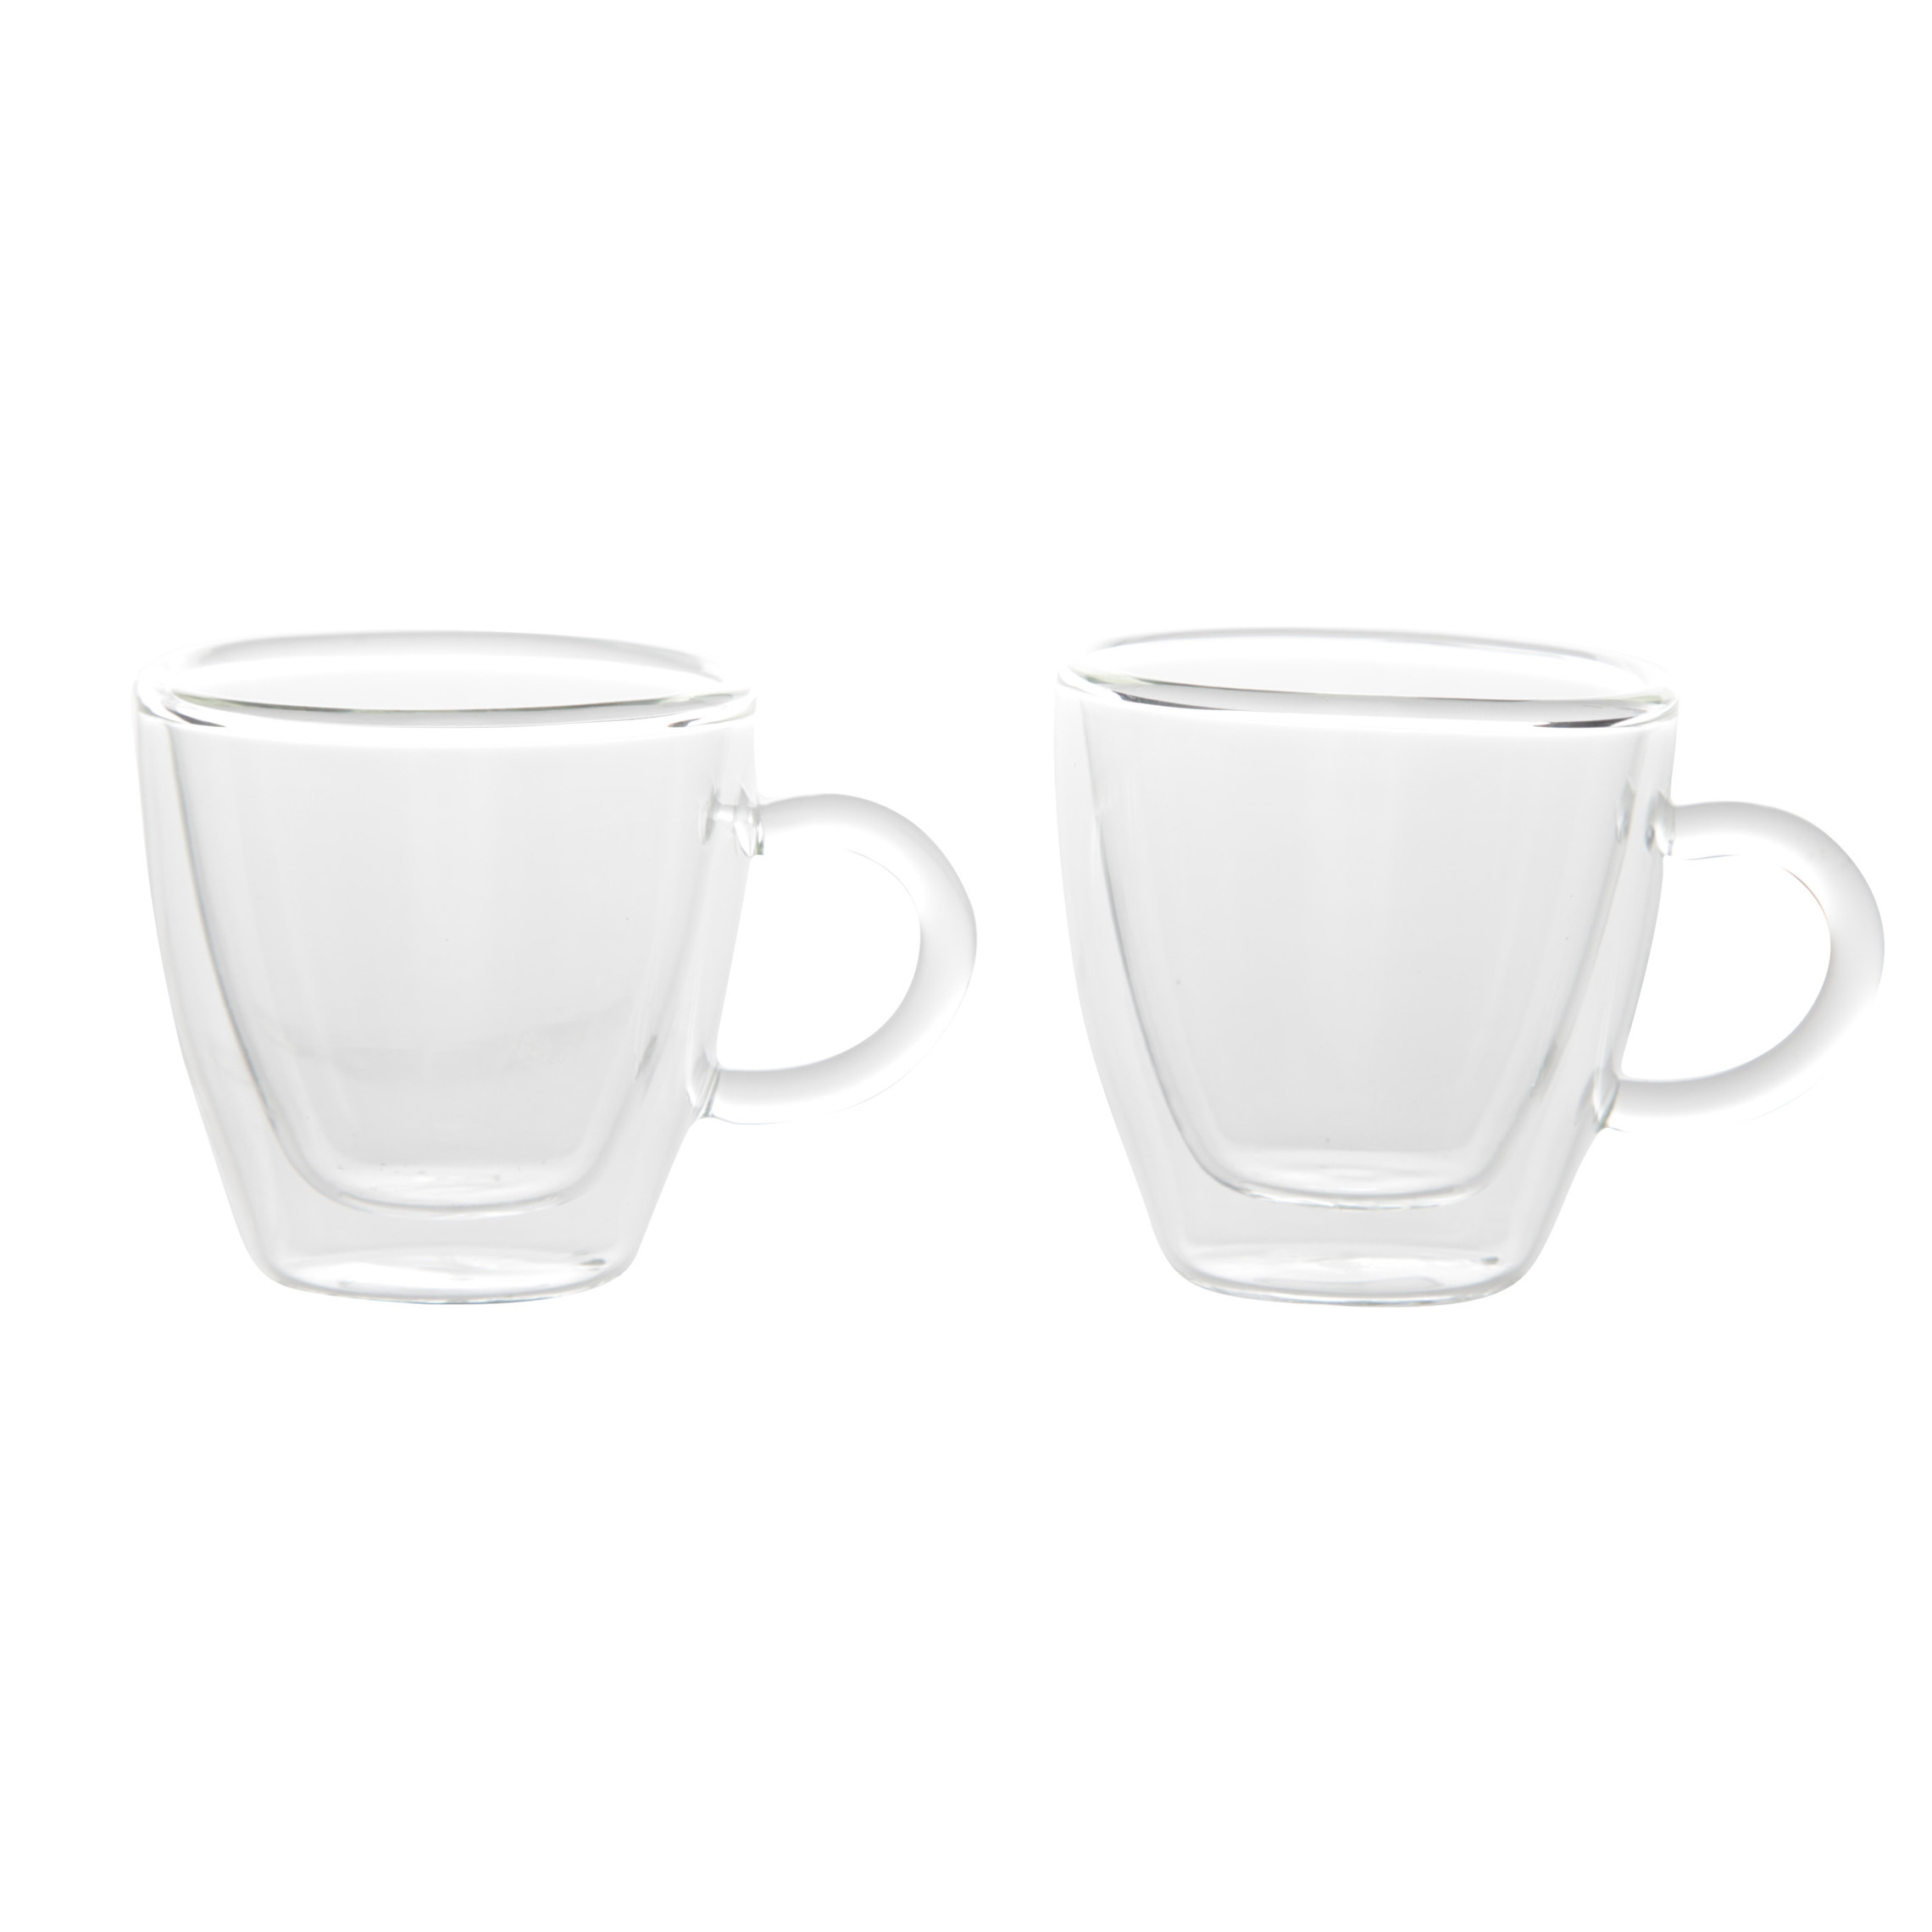 Set van 6x Koffie/espresso glazen dubbelwandig 60 ml - transparant -